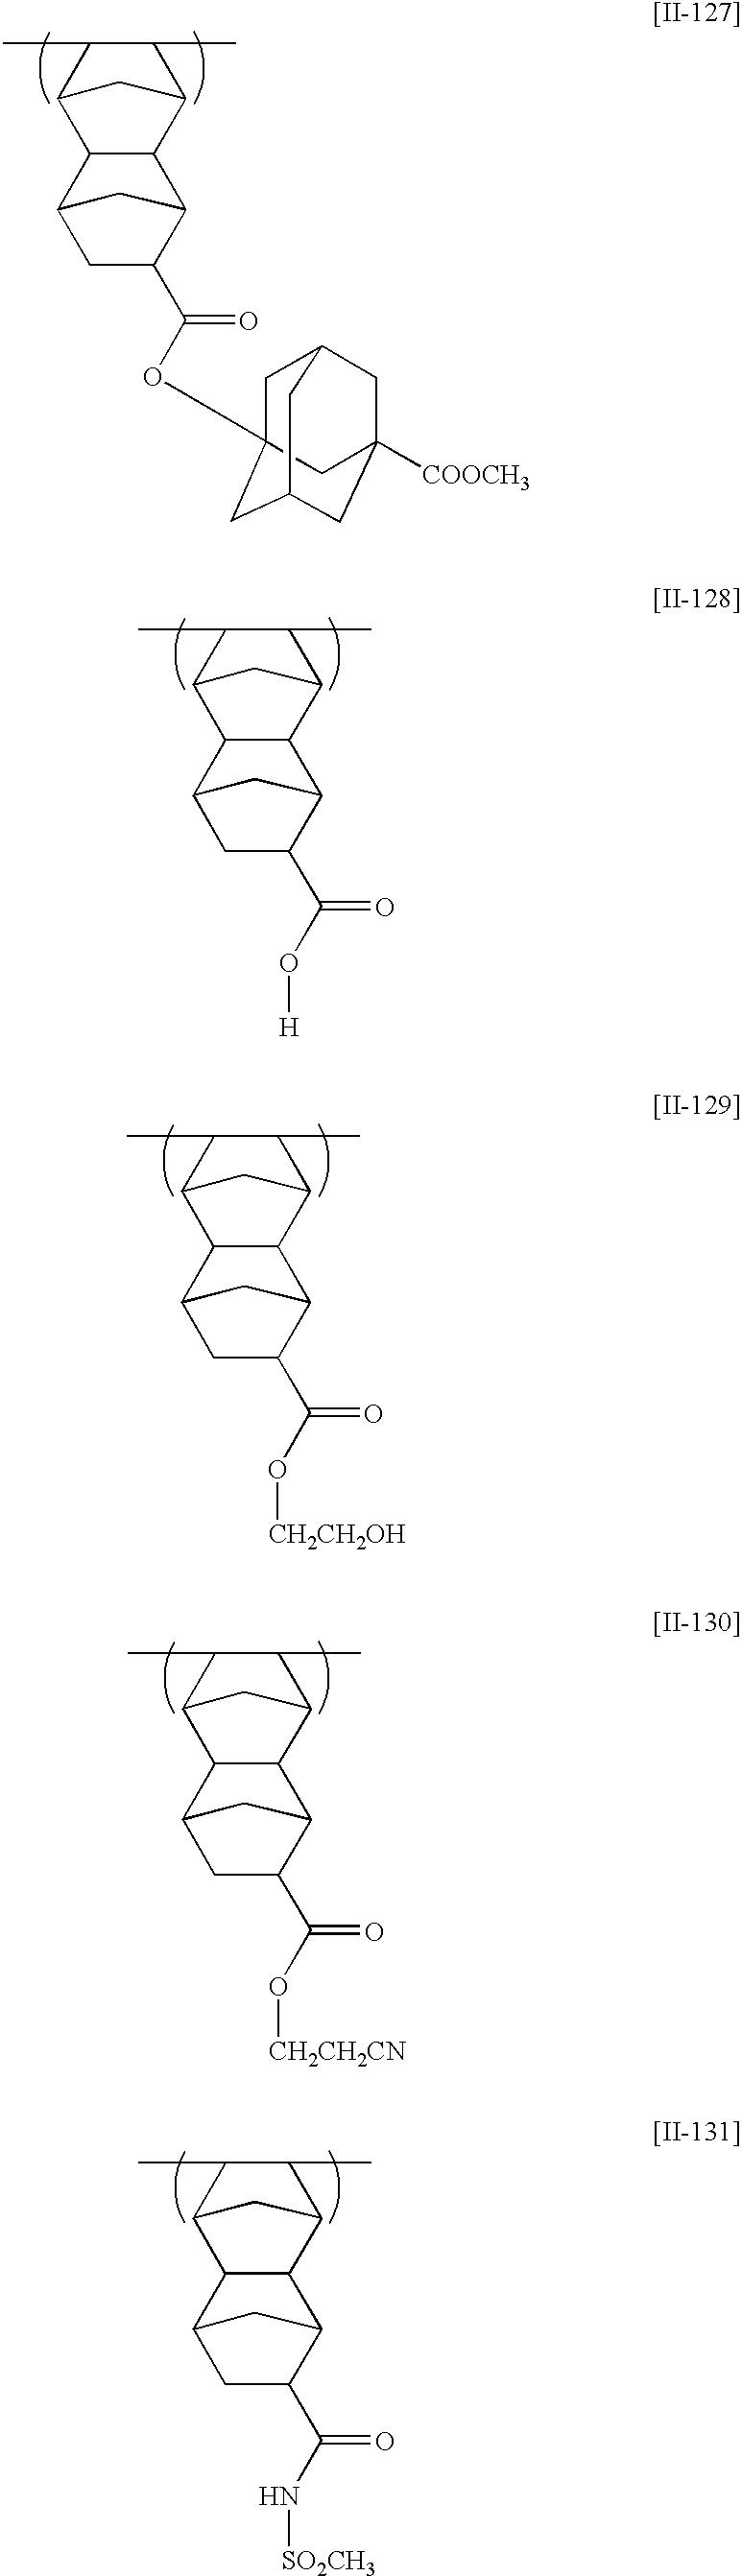 Figure US20030186161A1-20031002-C00081